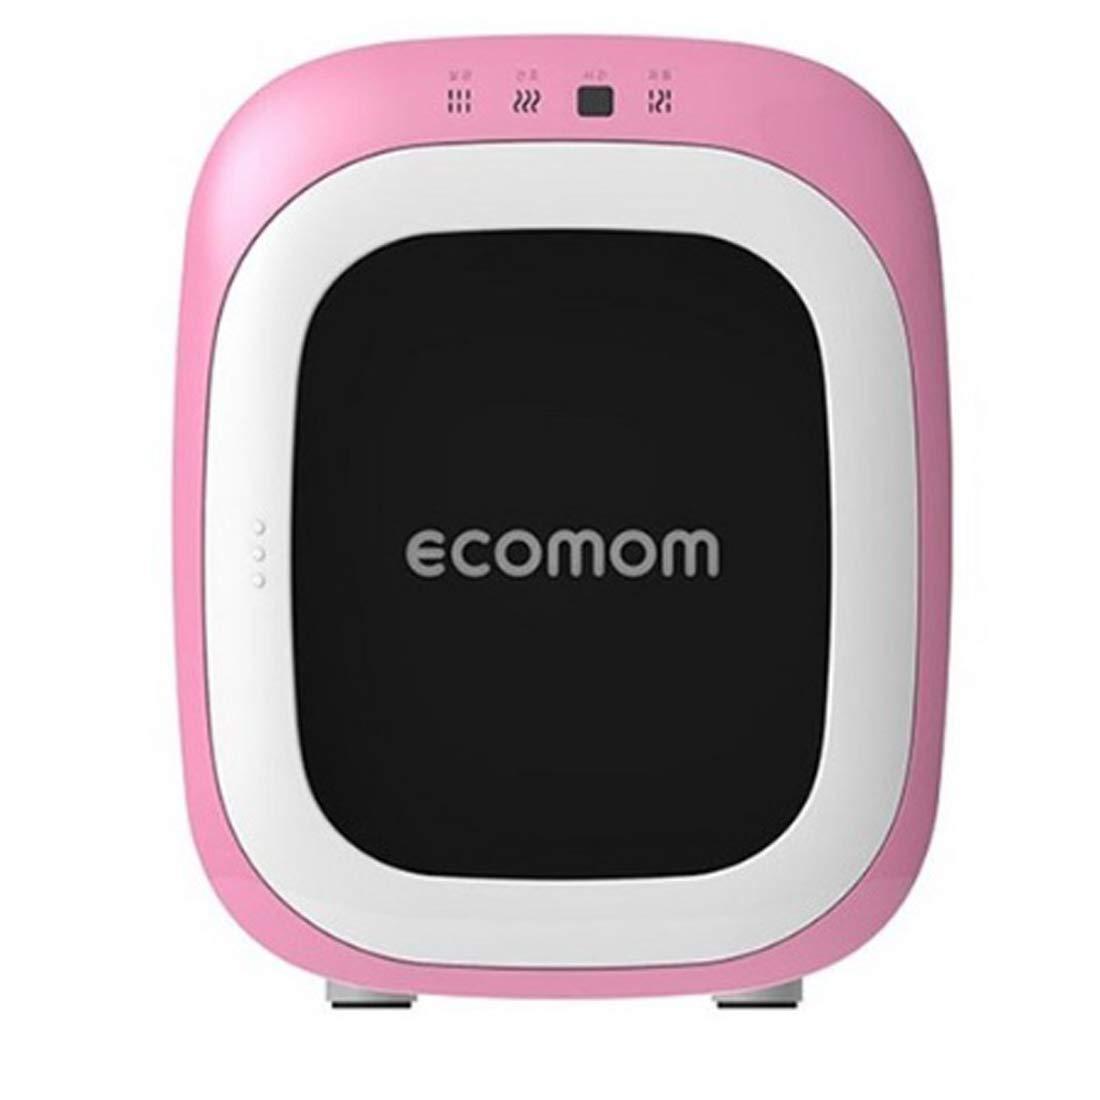 ECOMOM ECO-22 Baby Bottle Multi Sterilizer Ultraviolet Disinfection 220V (Pink)